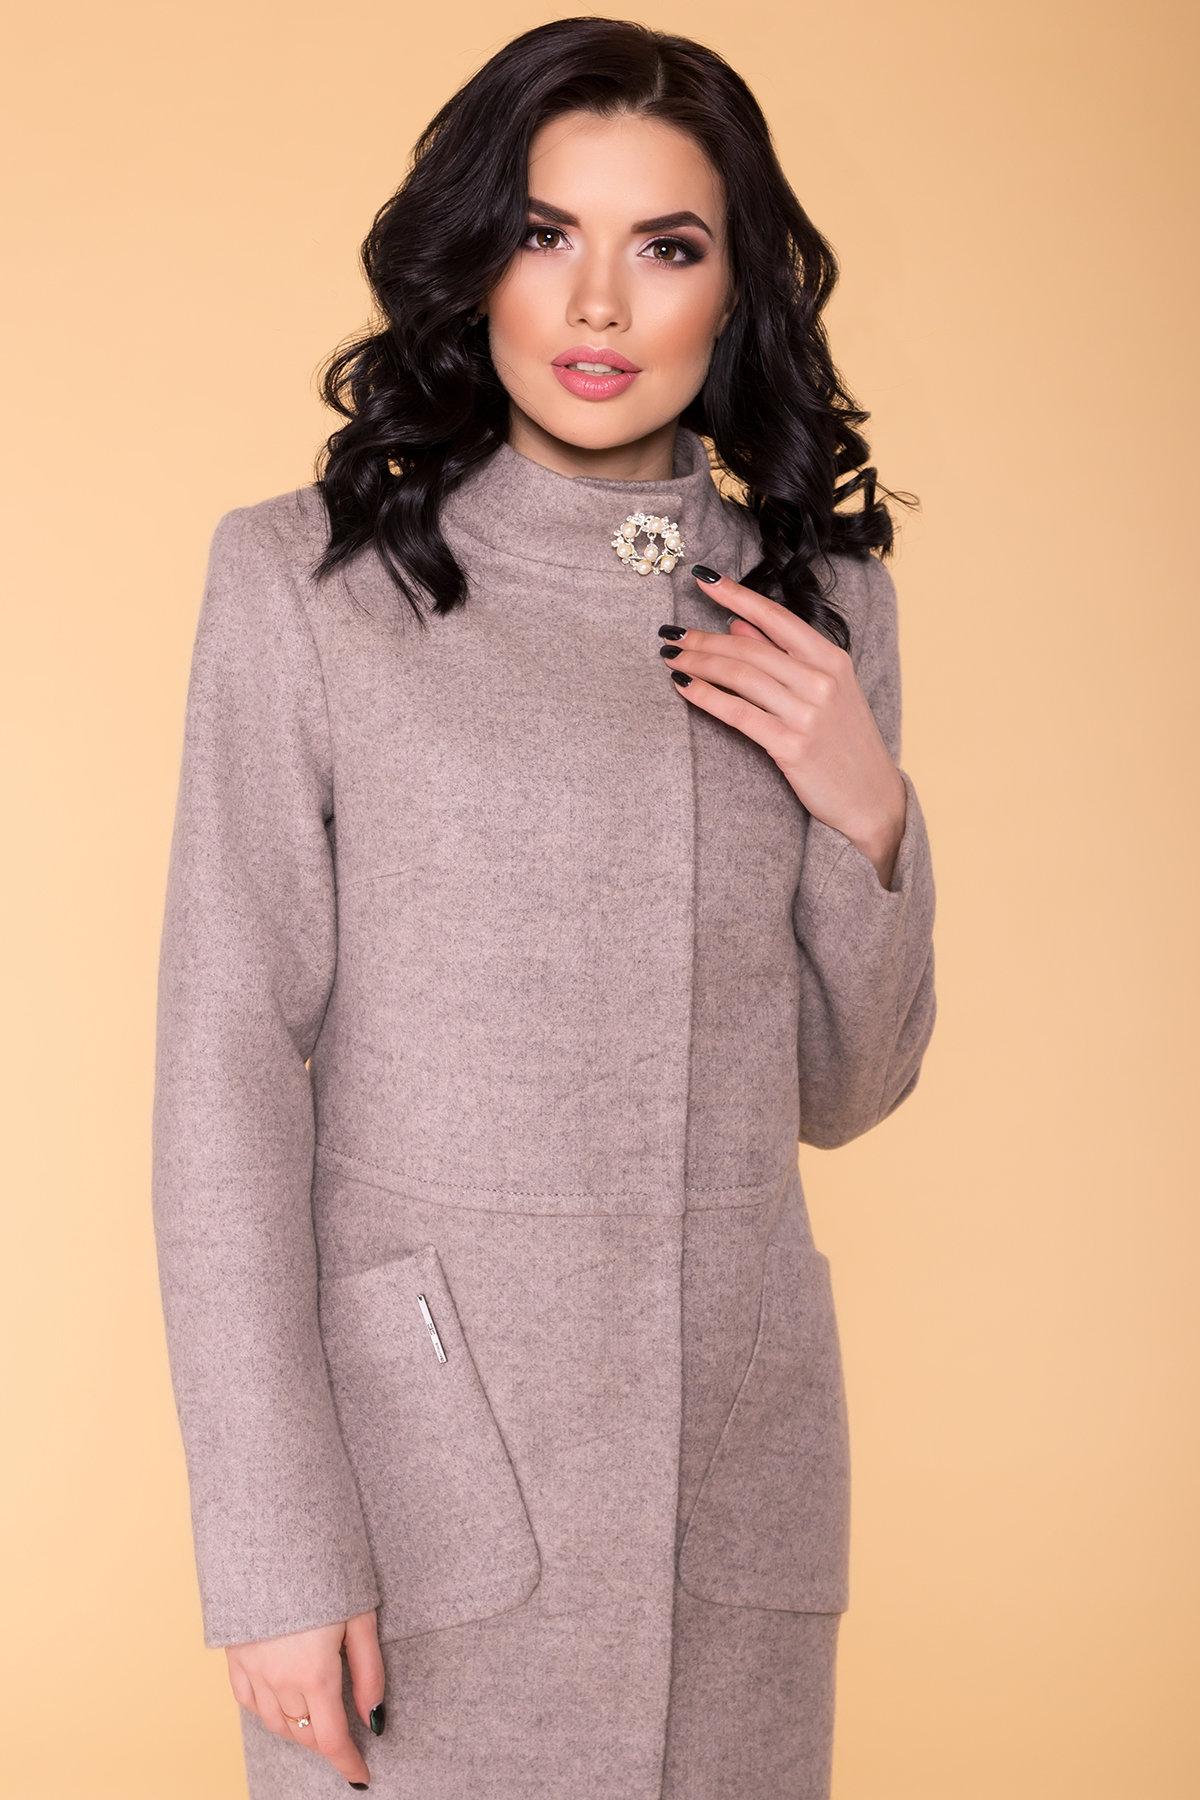 Пальто Габи 6330 АРТ. 41119 Цвет: Бежевый 31 - фото 4, интернет магазин tm-modus.ru